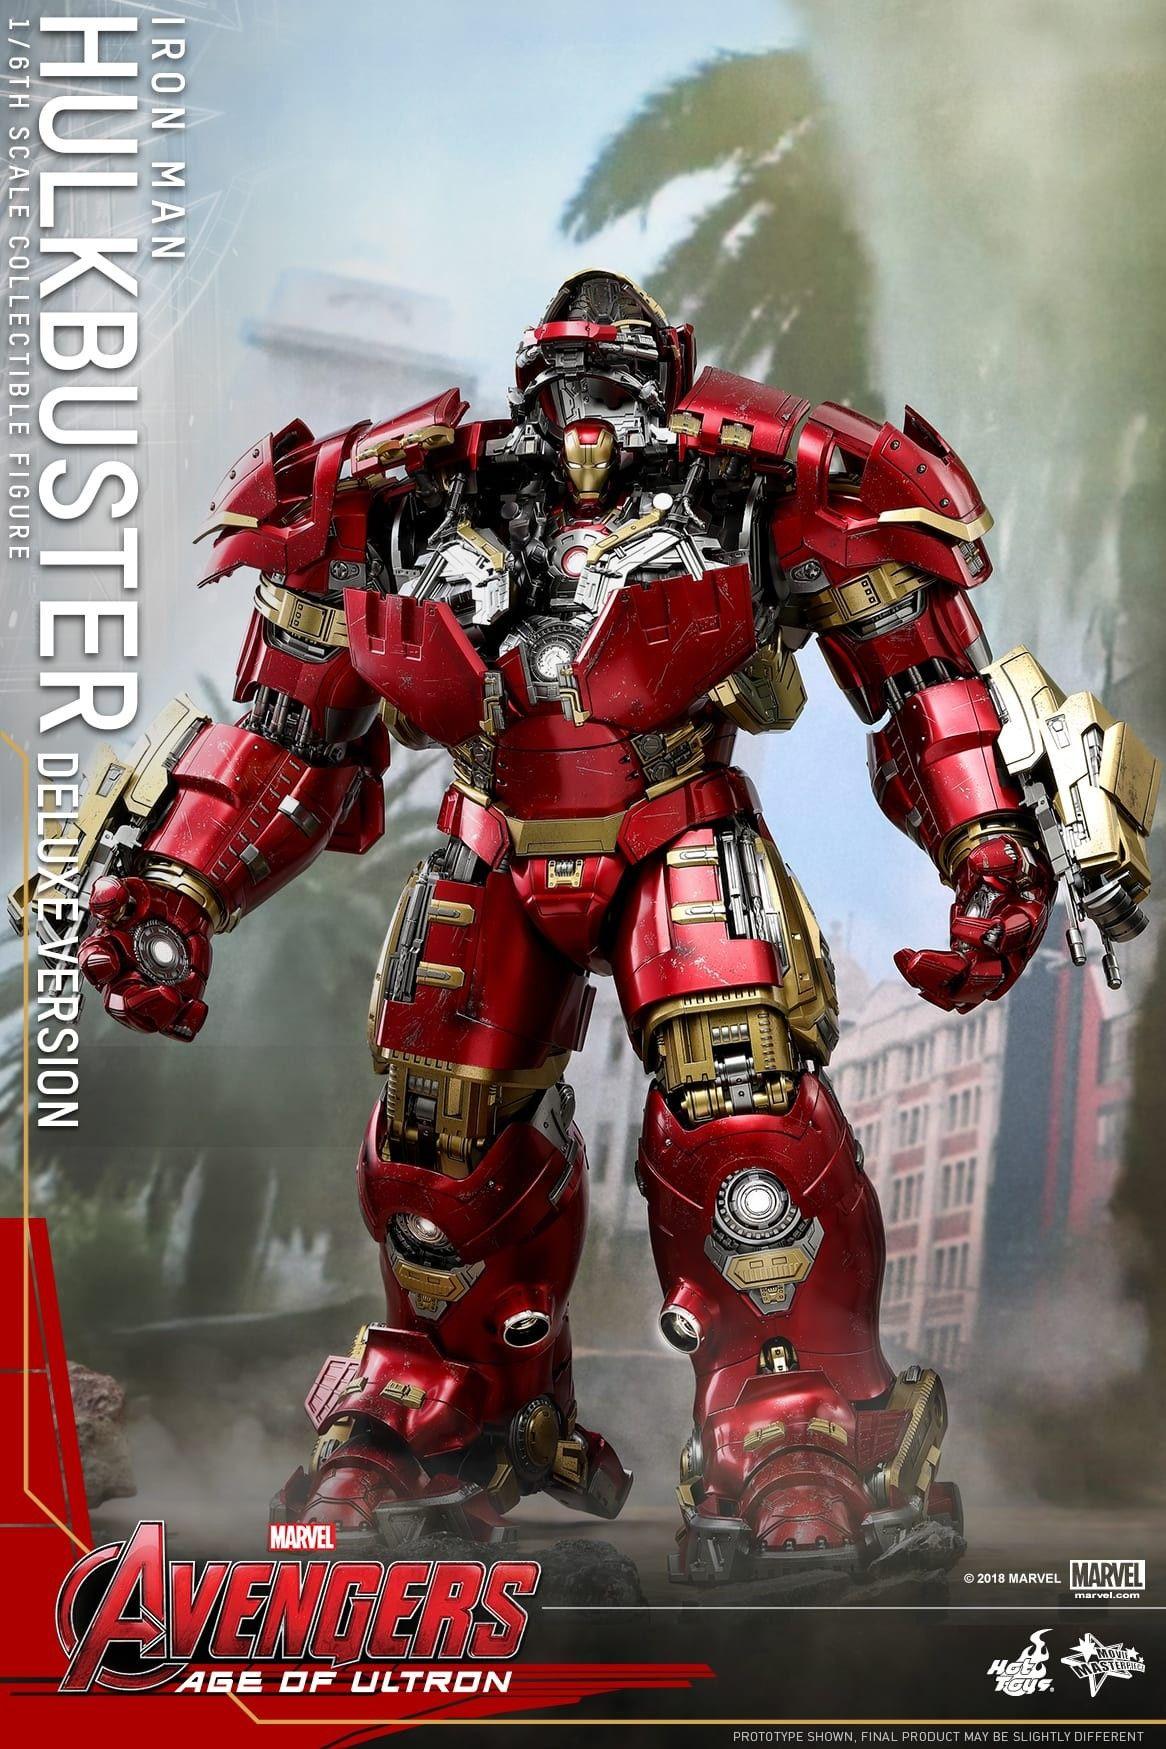 Hulk Buster Toys Marvel Marvel Ironman Hulk Hulkbuster 4k Hd